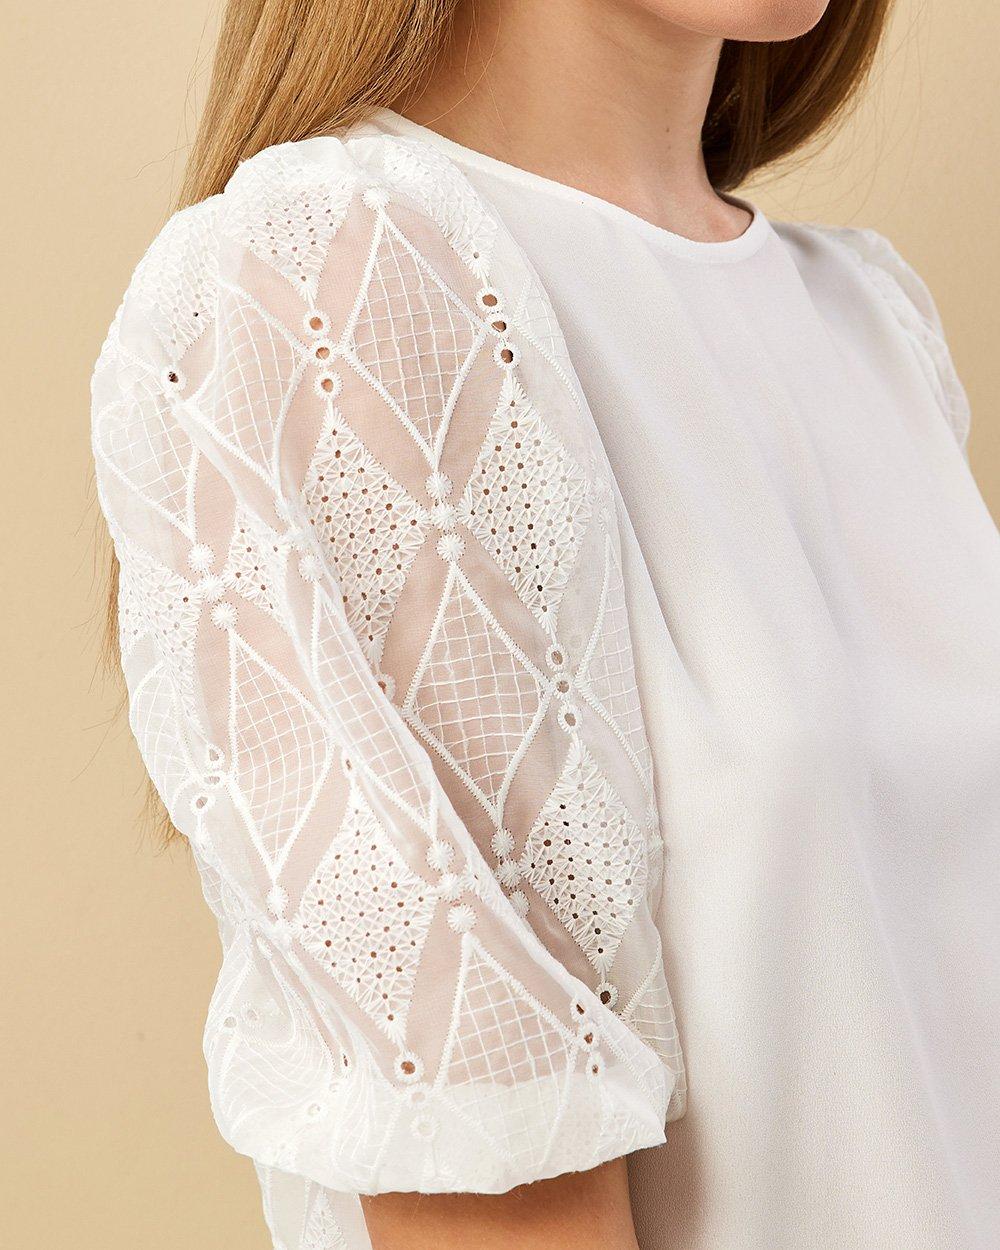 Μπλούζα με σχέδιο σε μανίκια και πλάτη